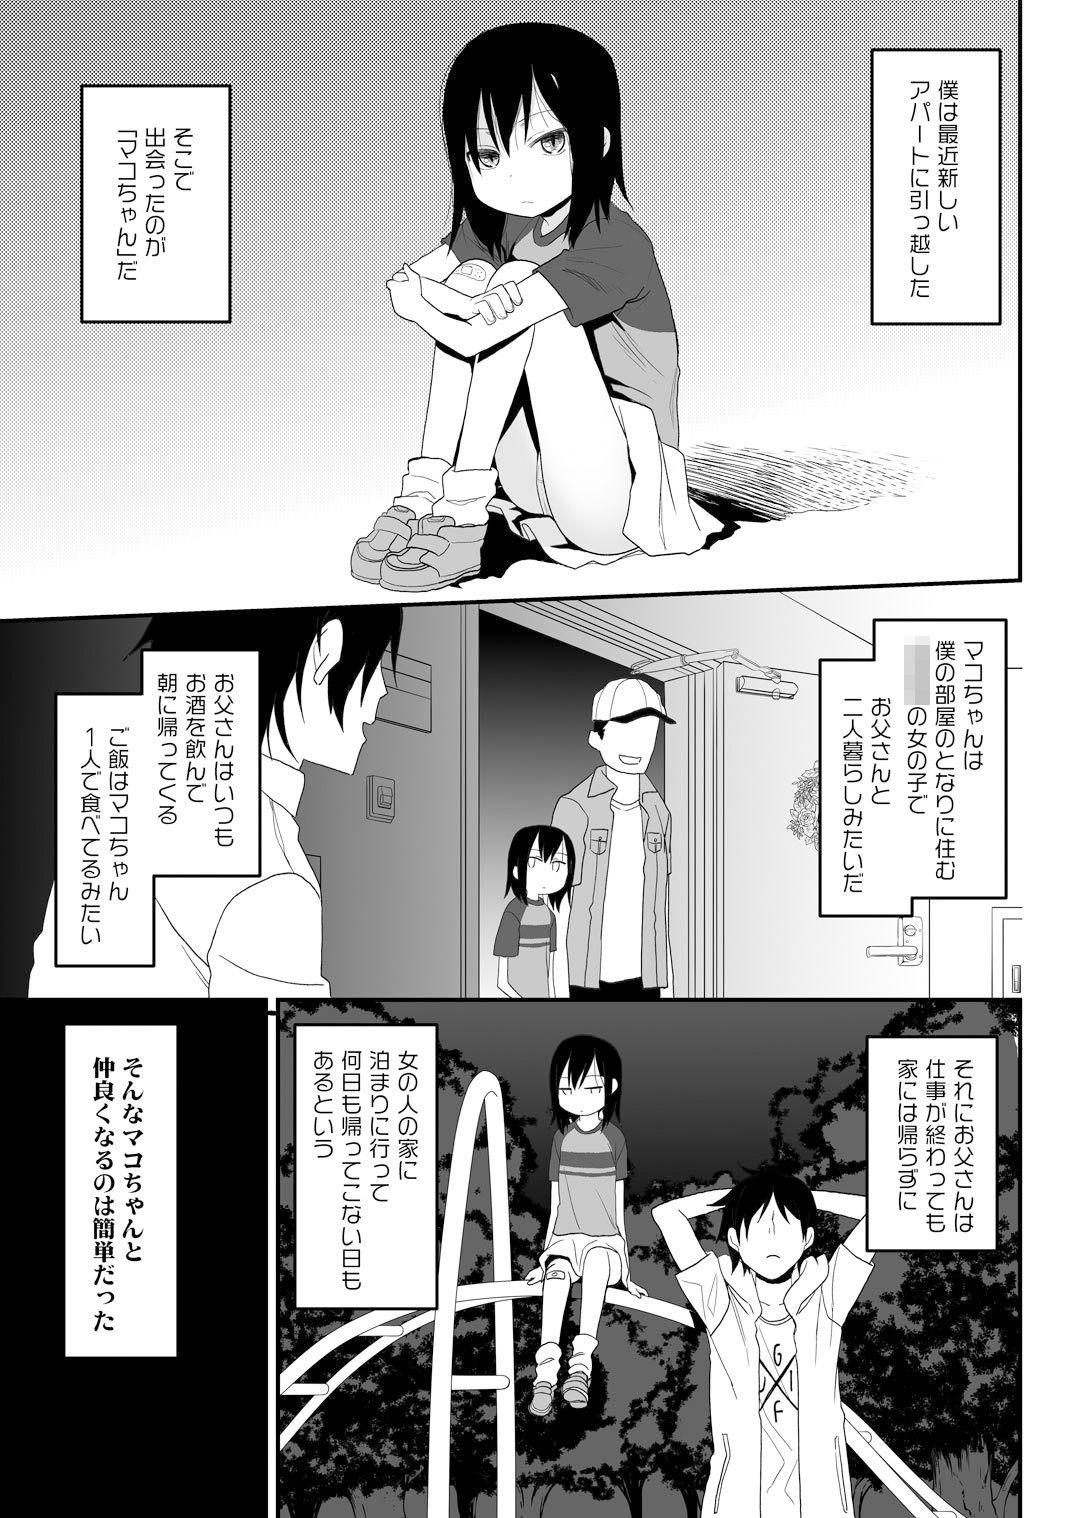 【エロ漫画無料大全集】父子家庭のアパートに一人ぼっちで放置されている女の子が隣に住んでるお兄さんに…